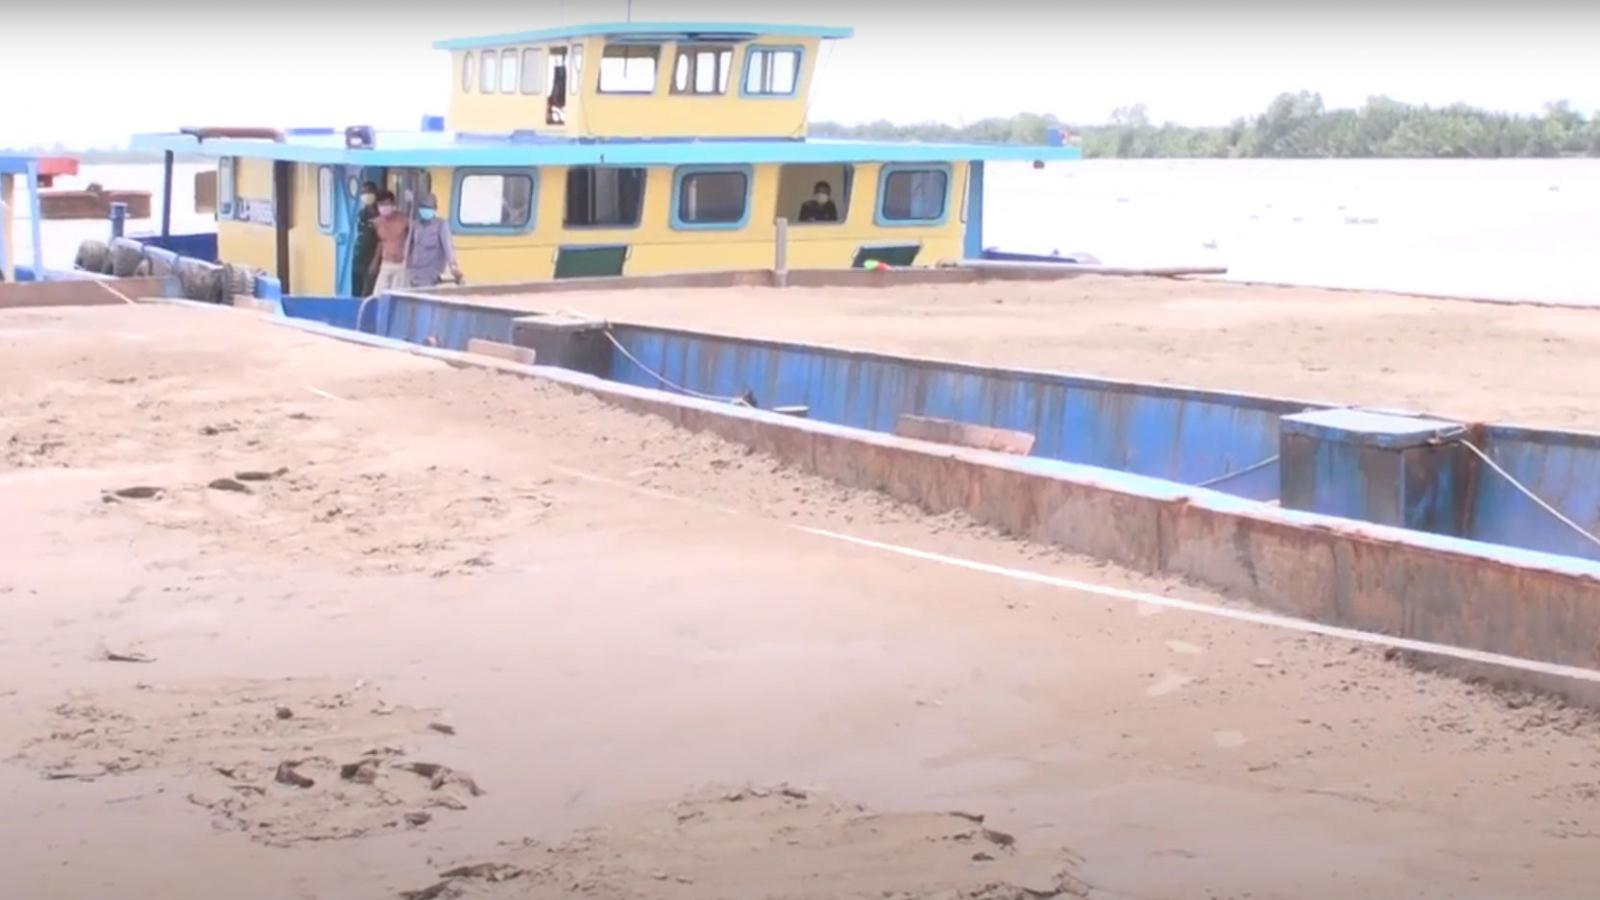 Bắt giữ 3 sà lan chở gần 900m3 cát trái phép